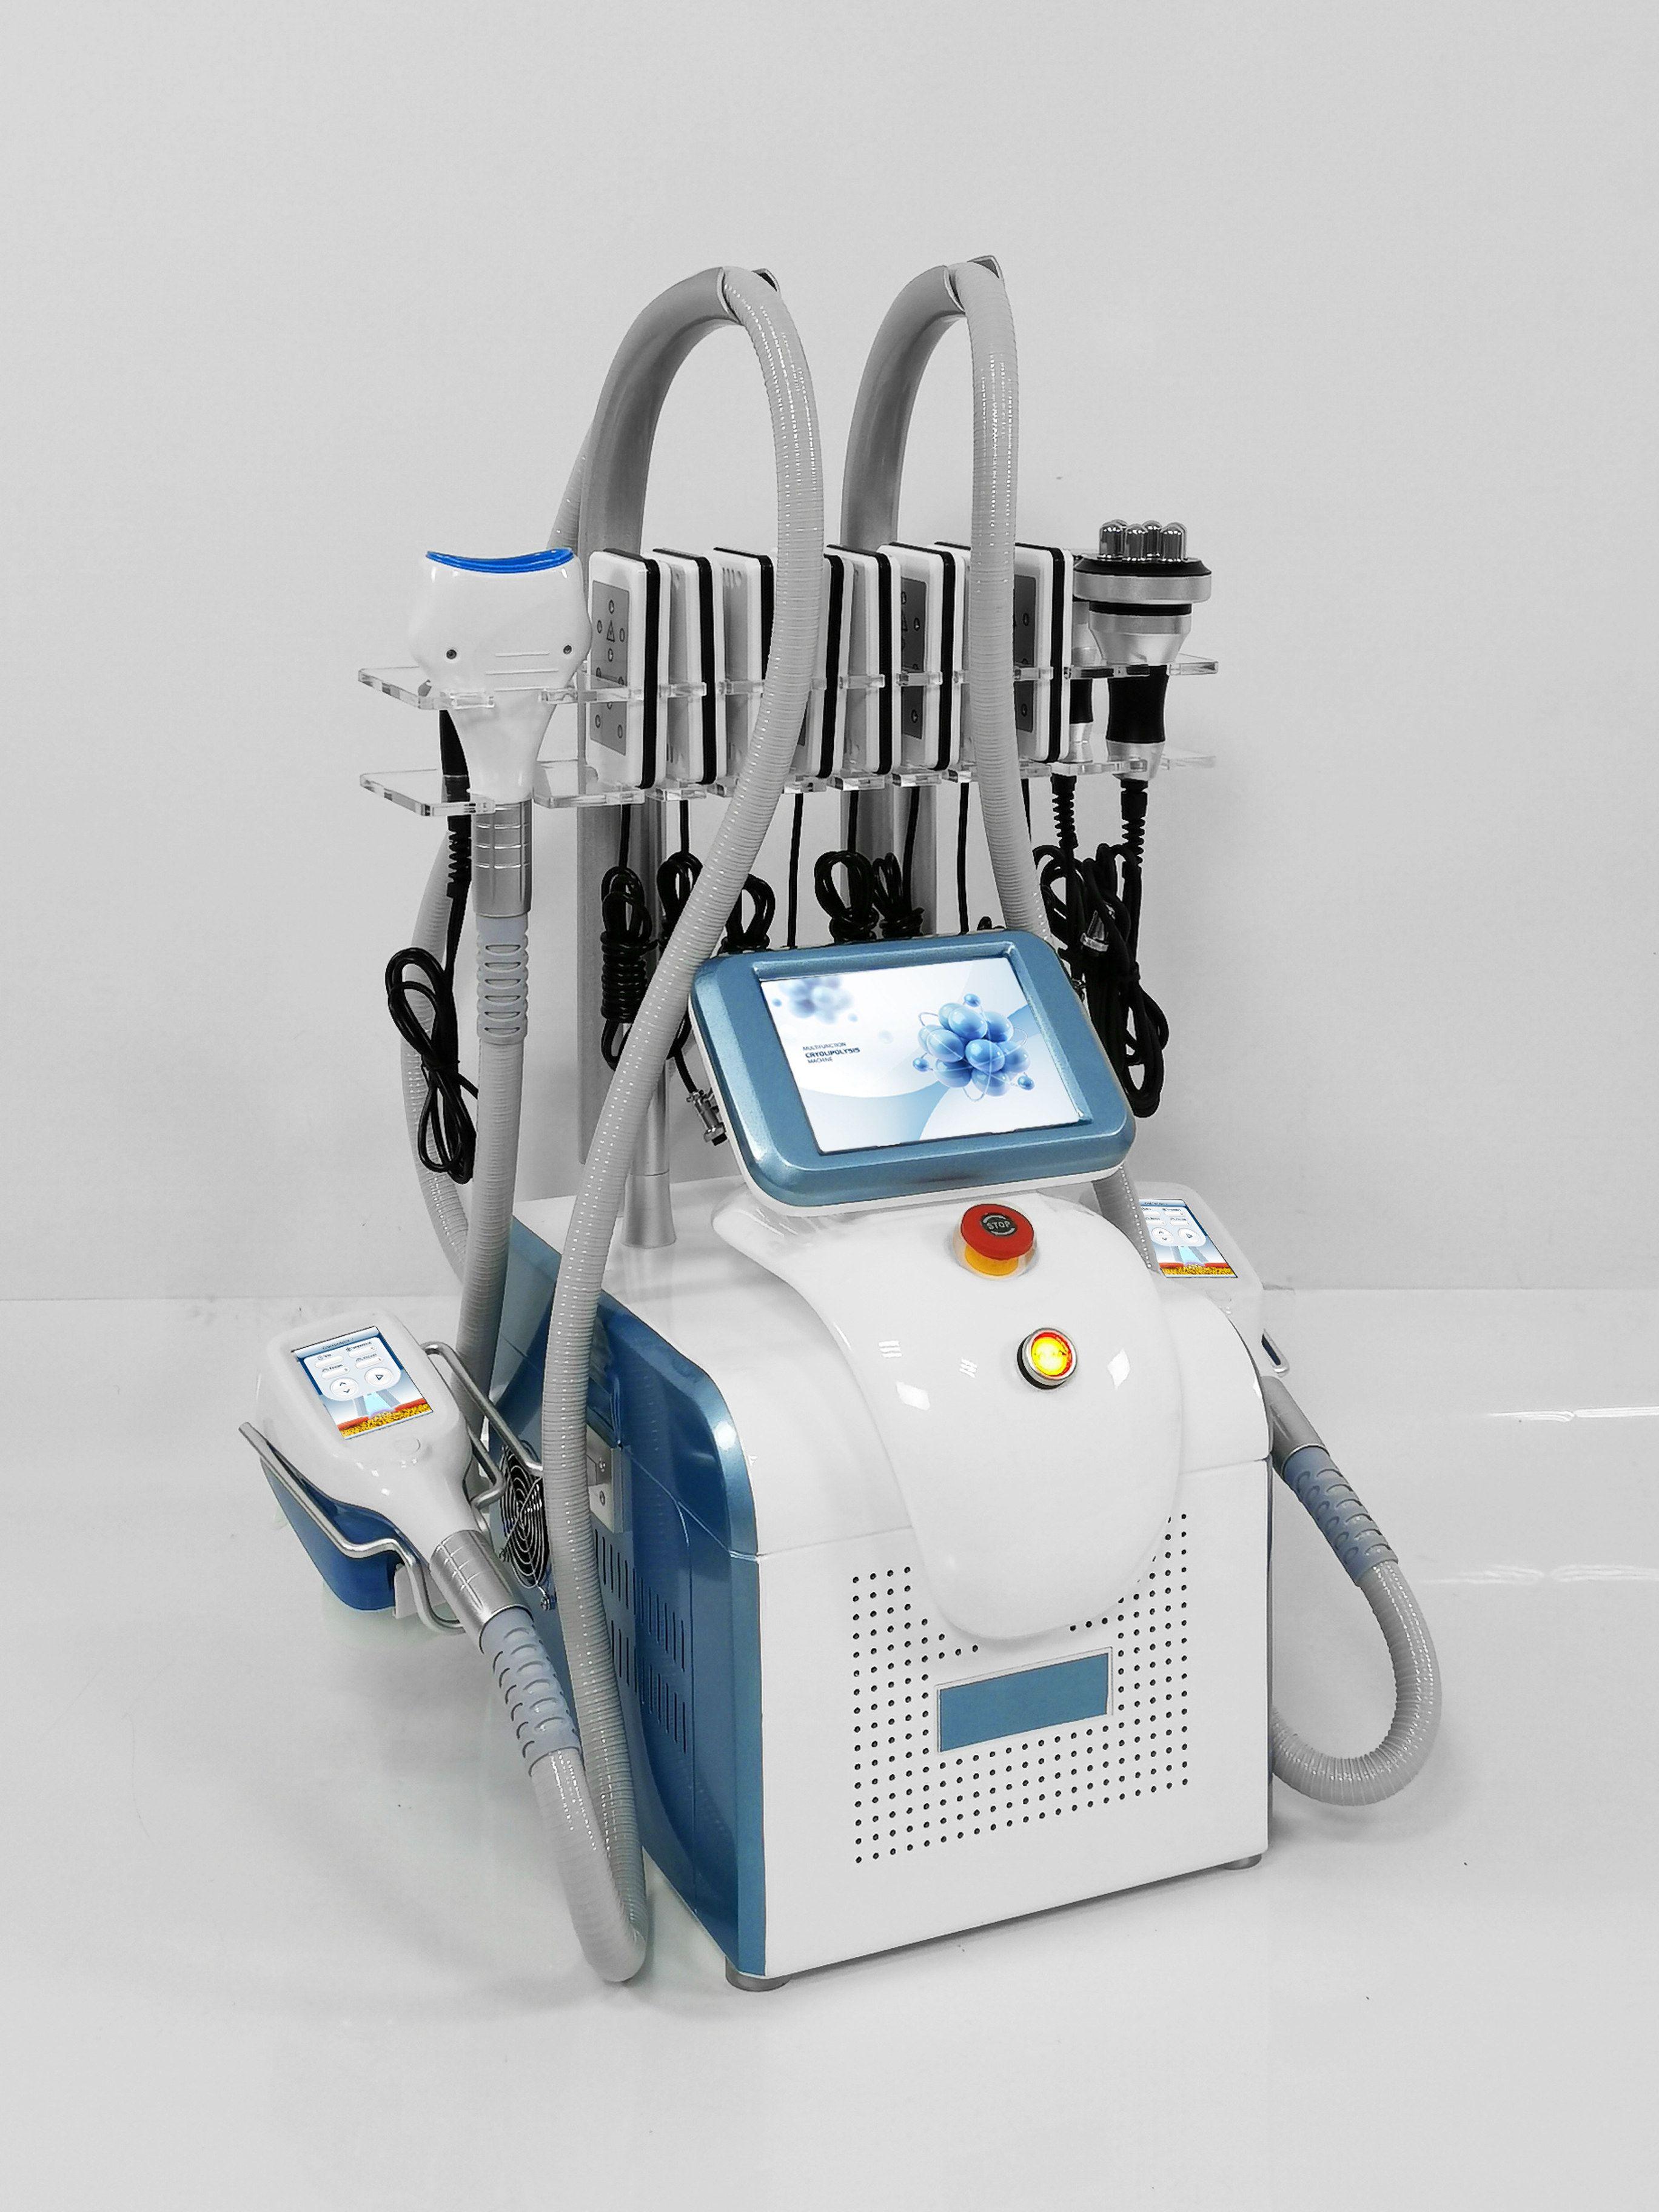 Taşınabilir 360 Derece Kriyo Zayıflama Yağ Donduru Makinesi Kriyoterapi 2 Dondurucu Sculpting Lipo Lazer Vücut Ince Güzellik Ekipmanları